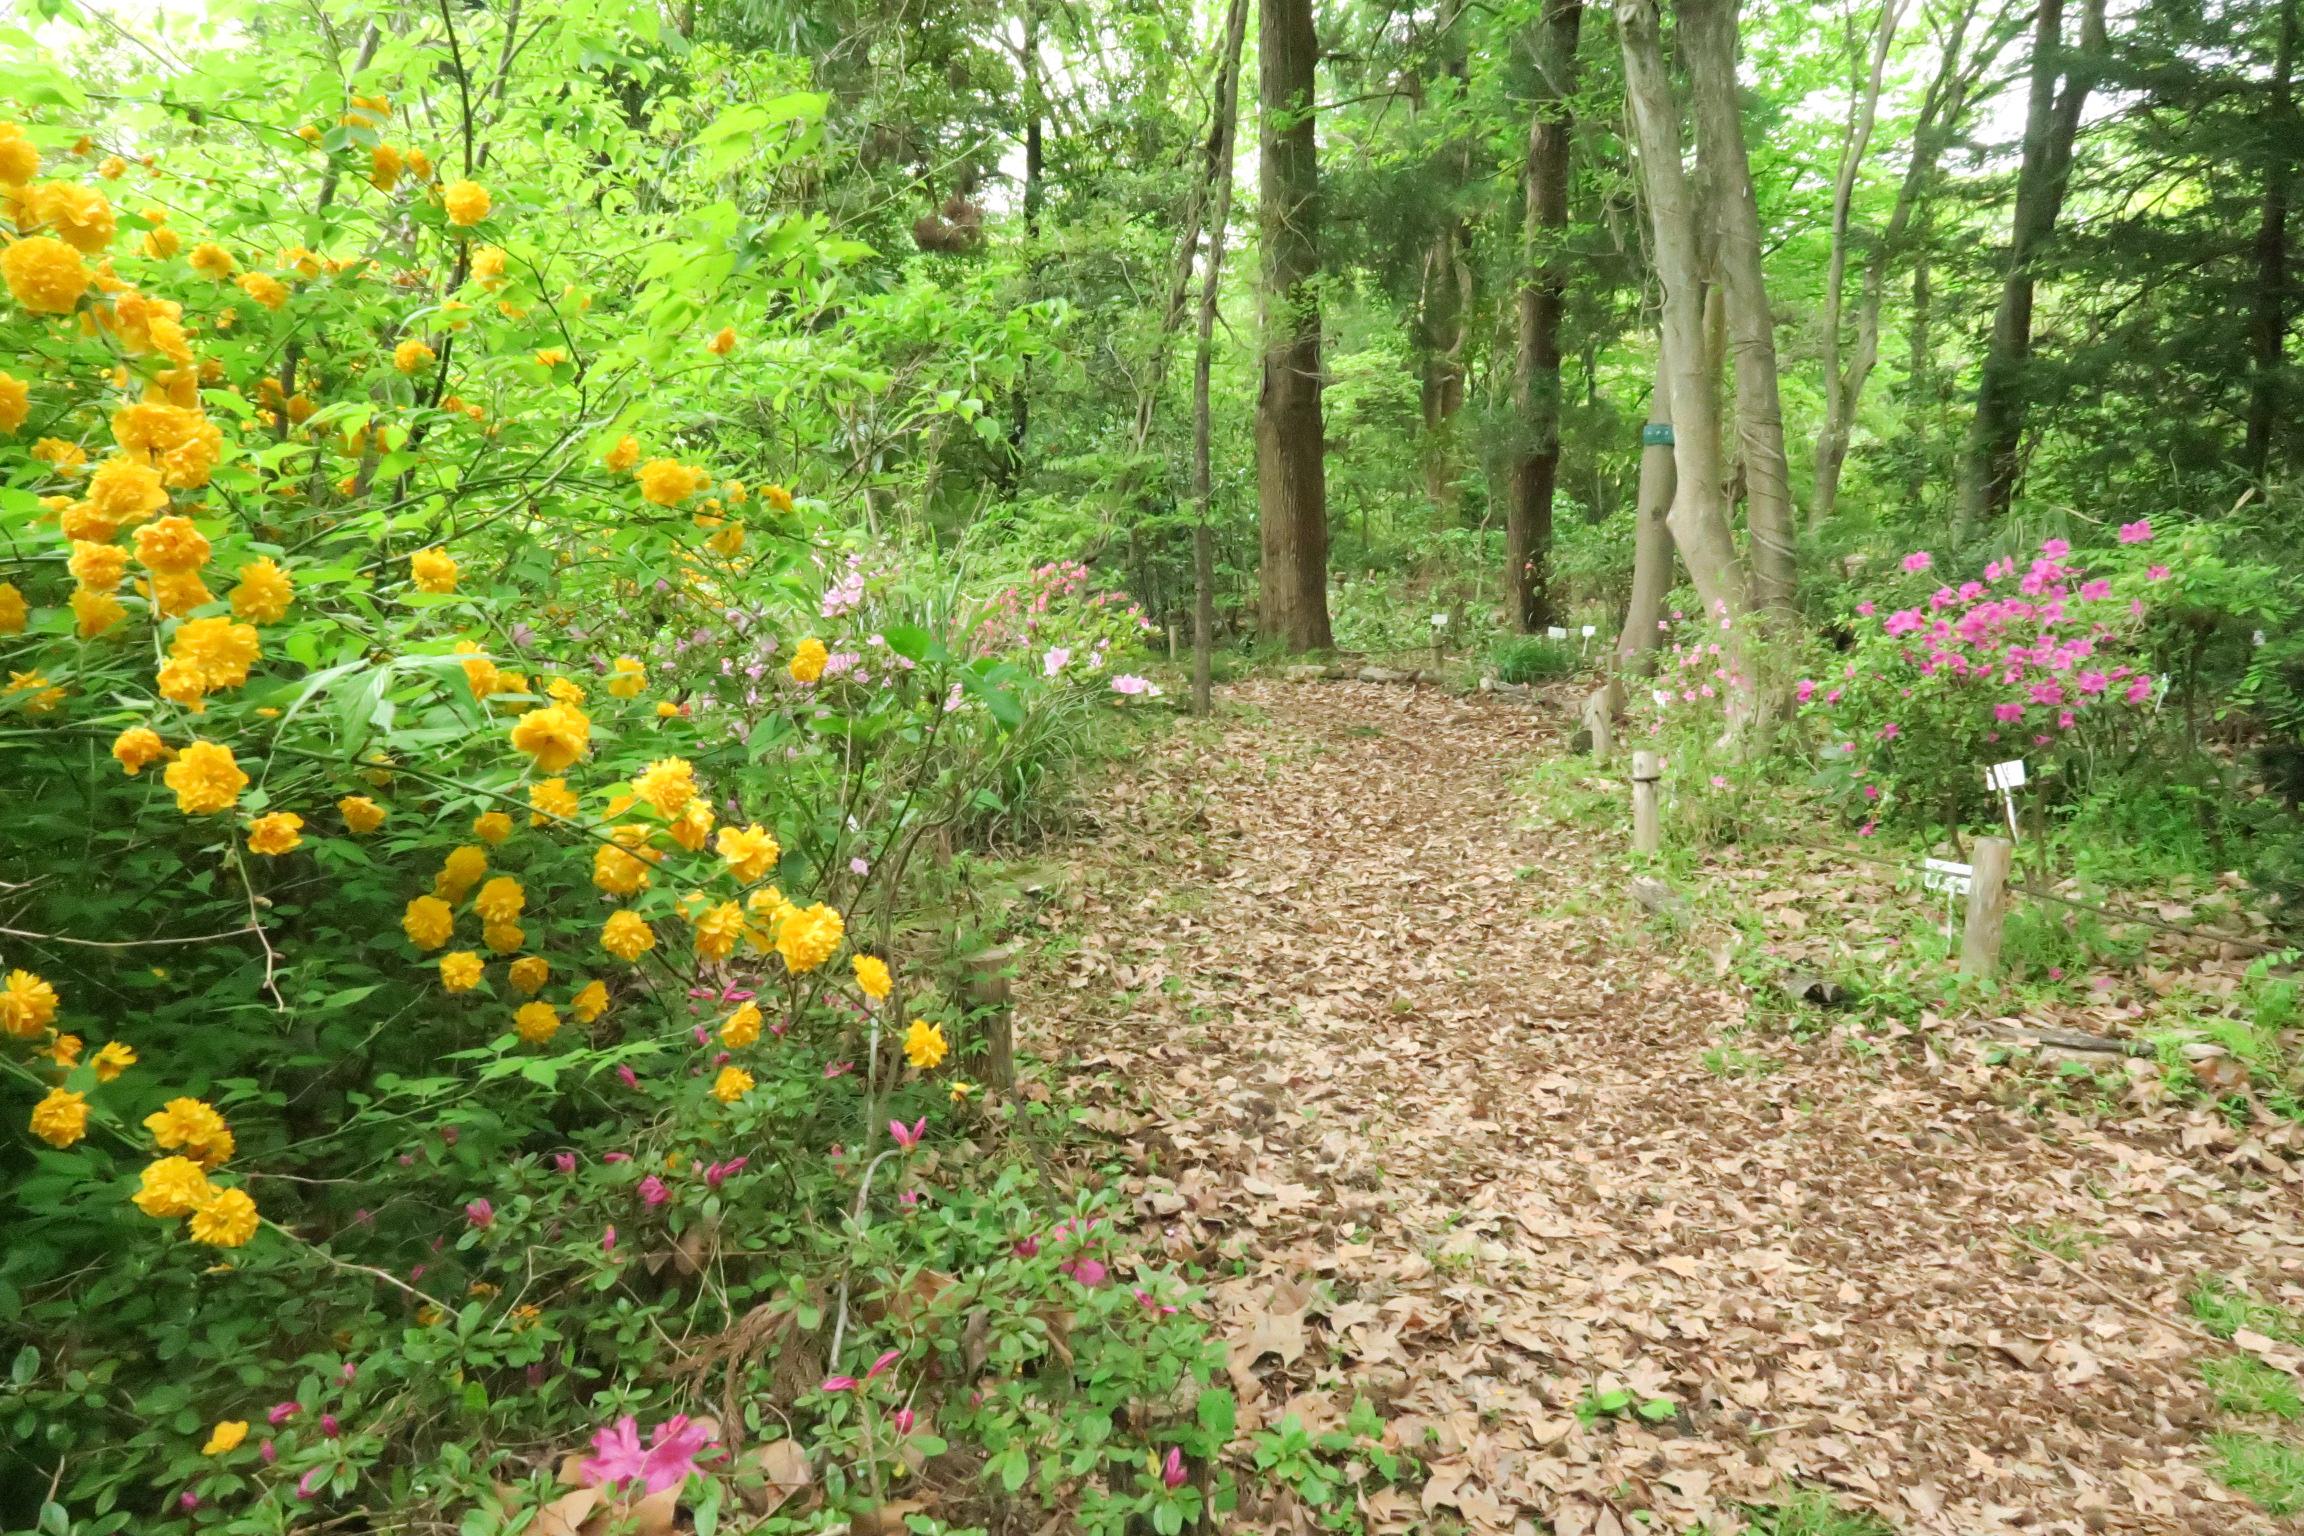 ヤマブキやツツジなど様々な花が道を彩ります。